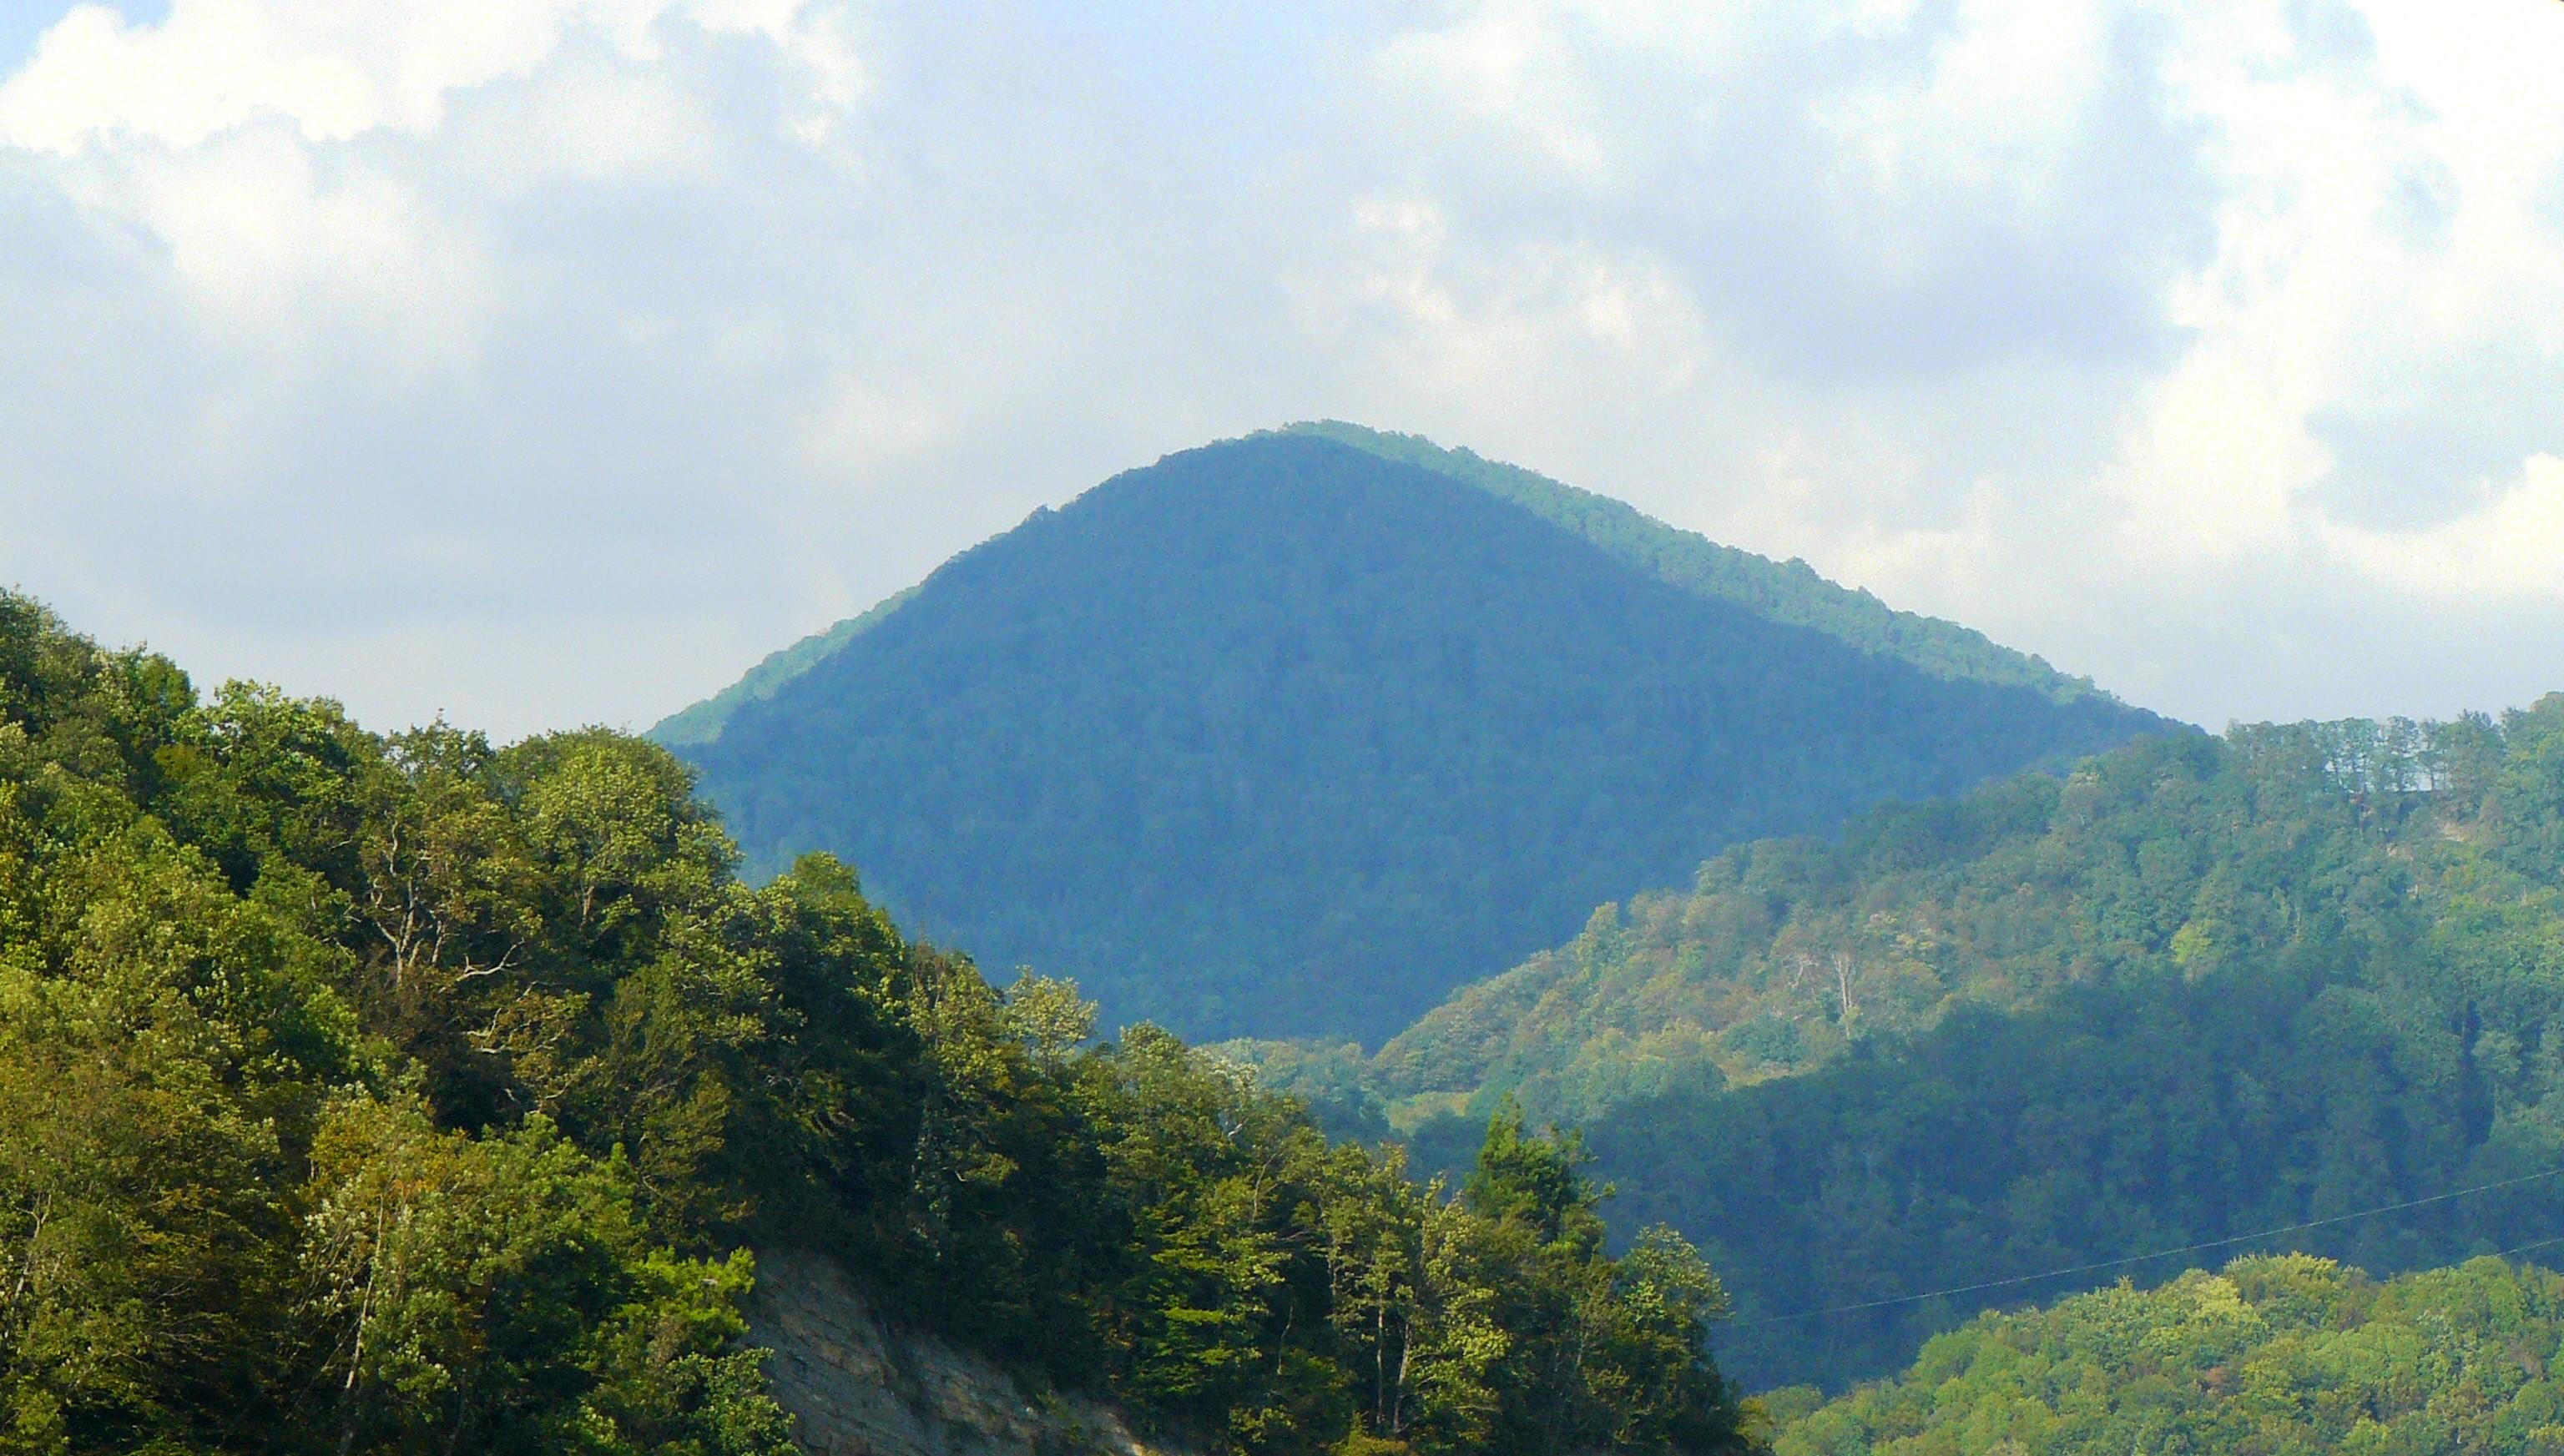 Гора Успенка, Сочи (фото: Вотъезде.org)